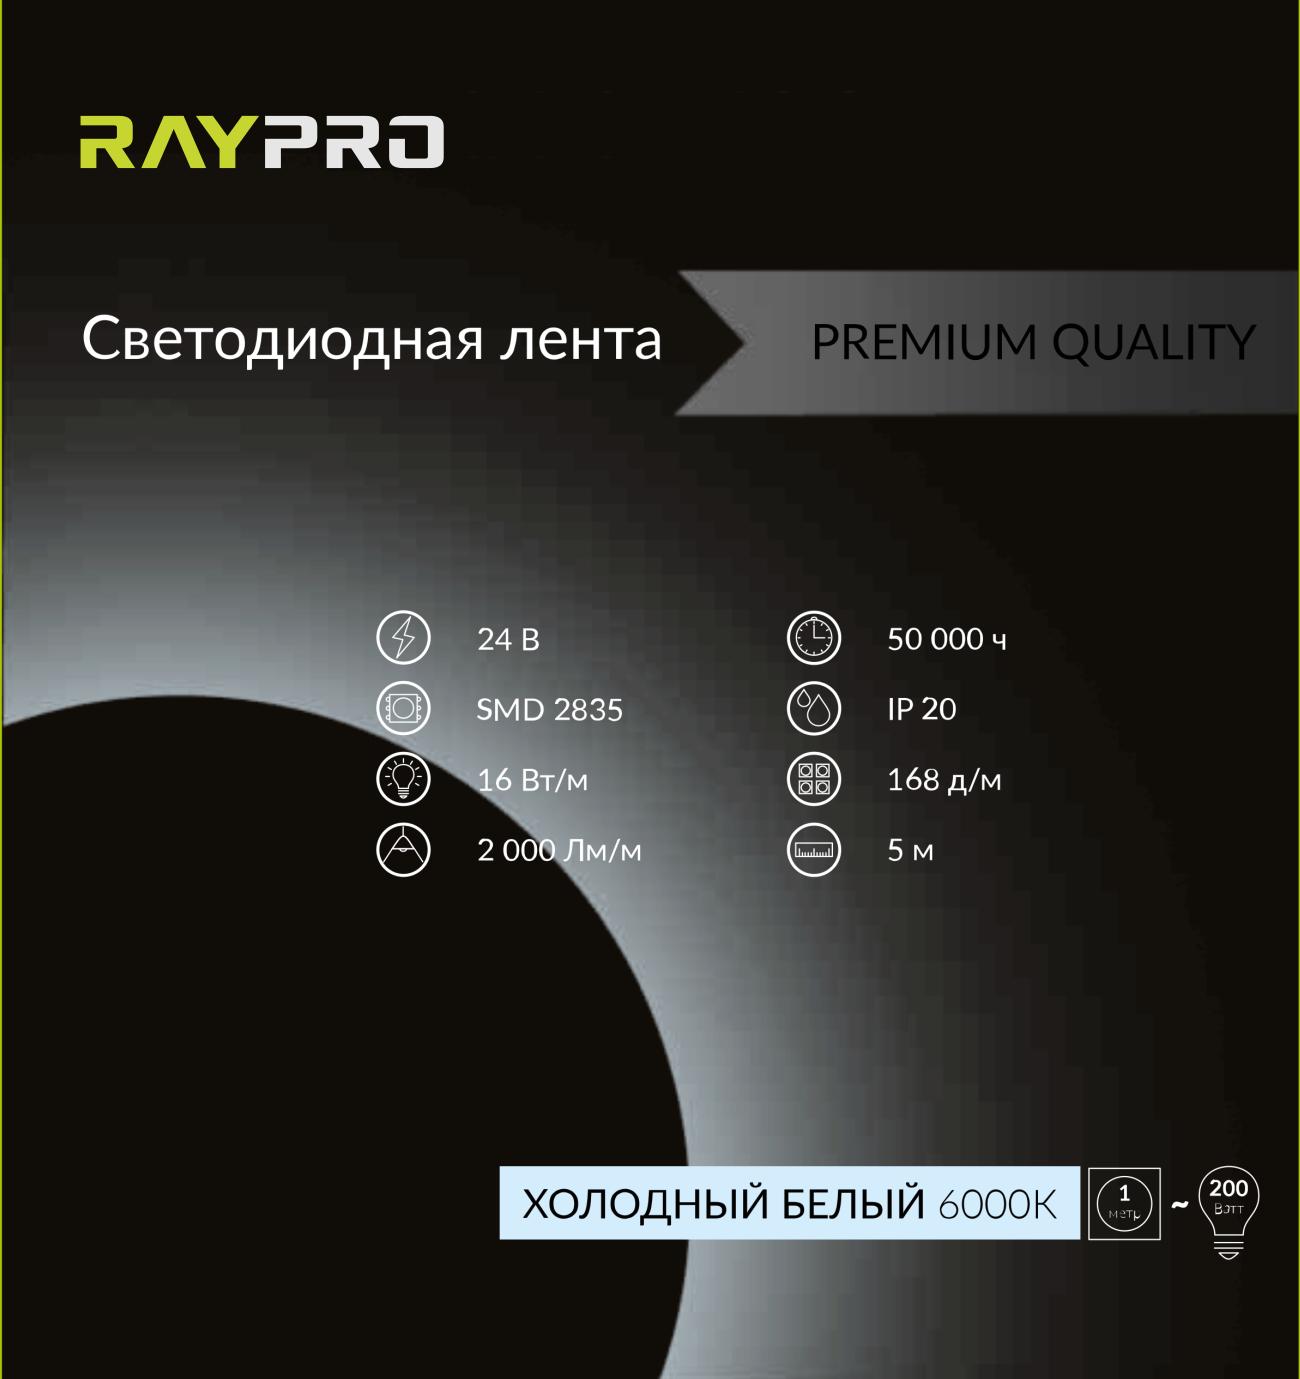 Разработка логотипа (продукт - светодиодная лента) фото f_9855bc1ba5c9164a.png